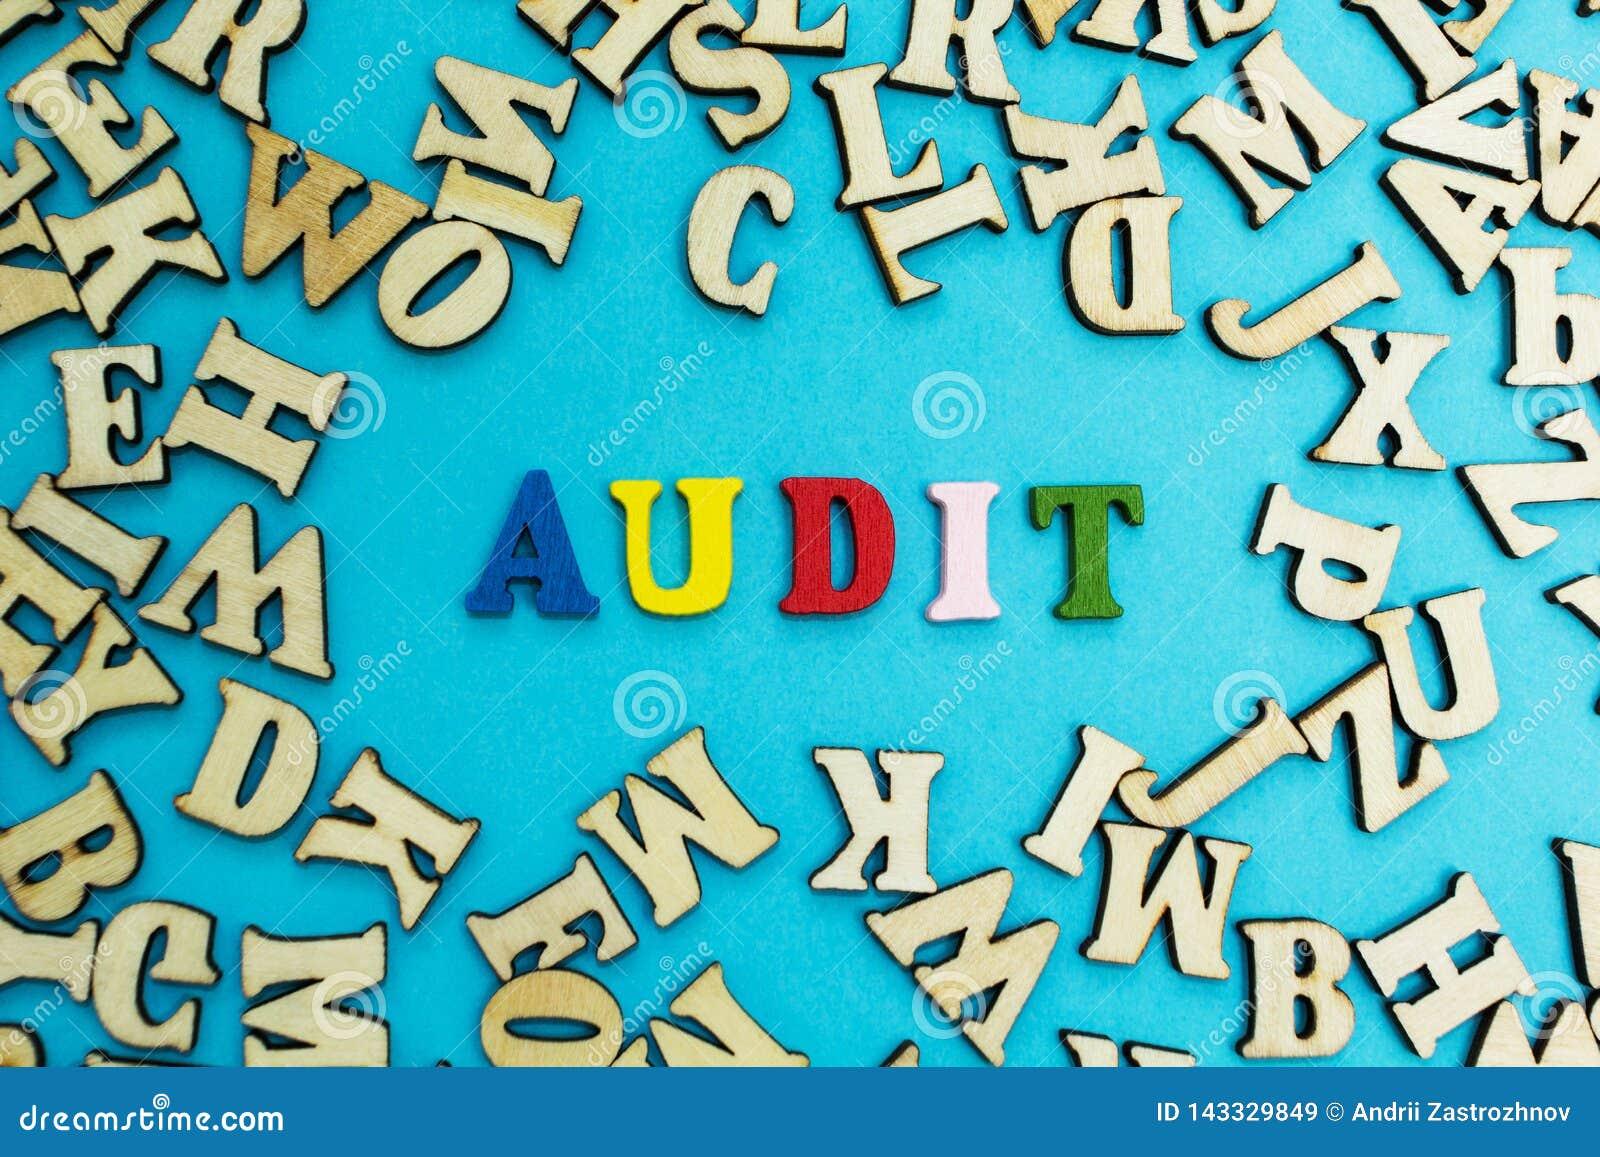 Ordet 'revision 'läggas ut från mångfärgade bokstäver på en blå bakgrund